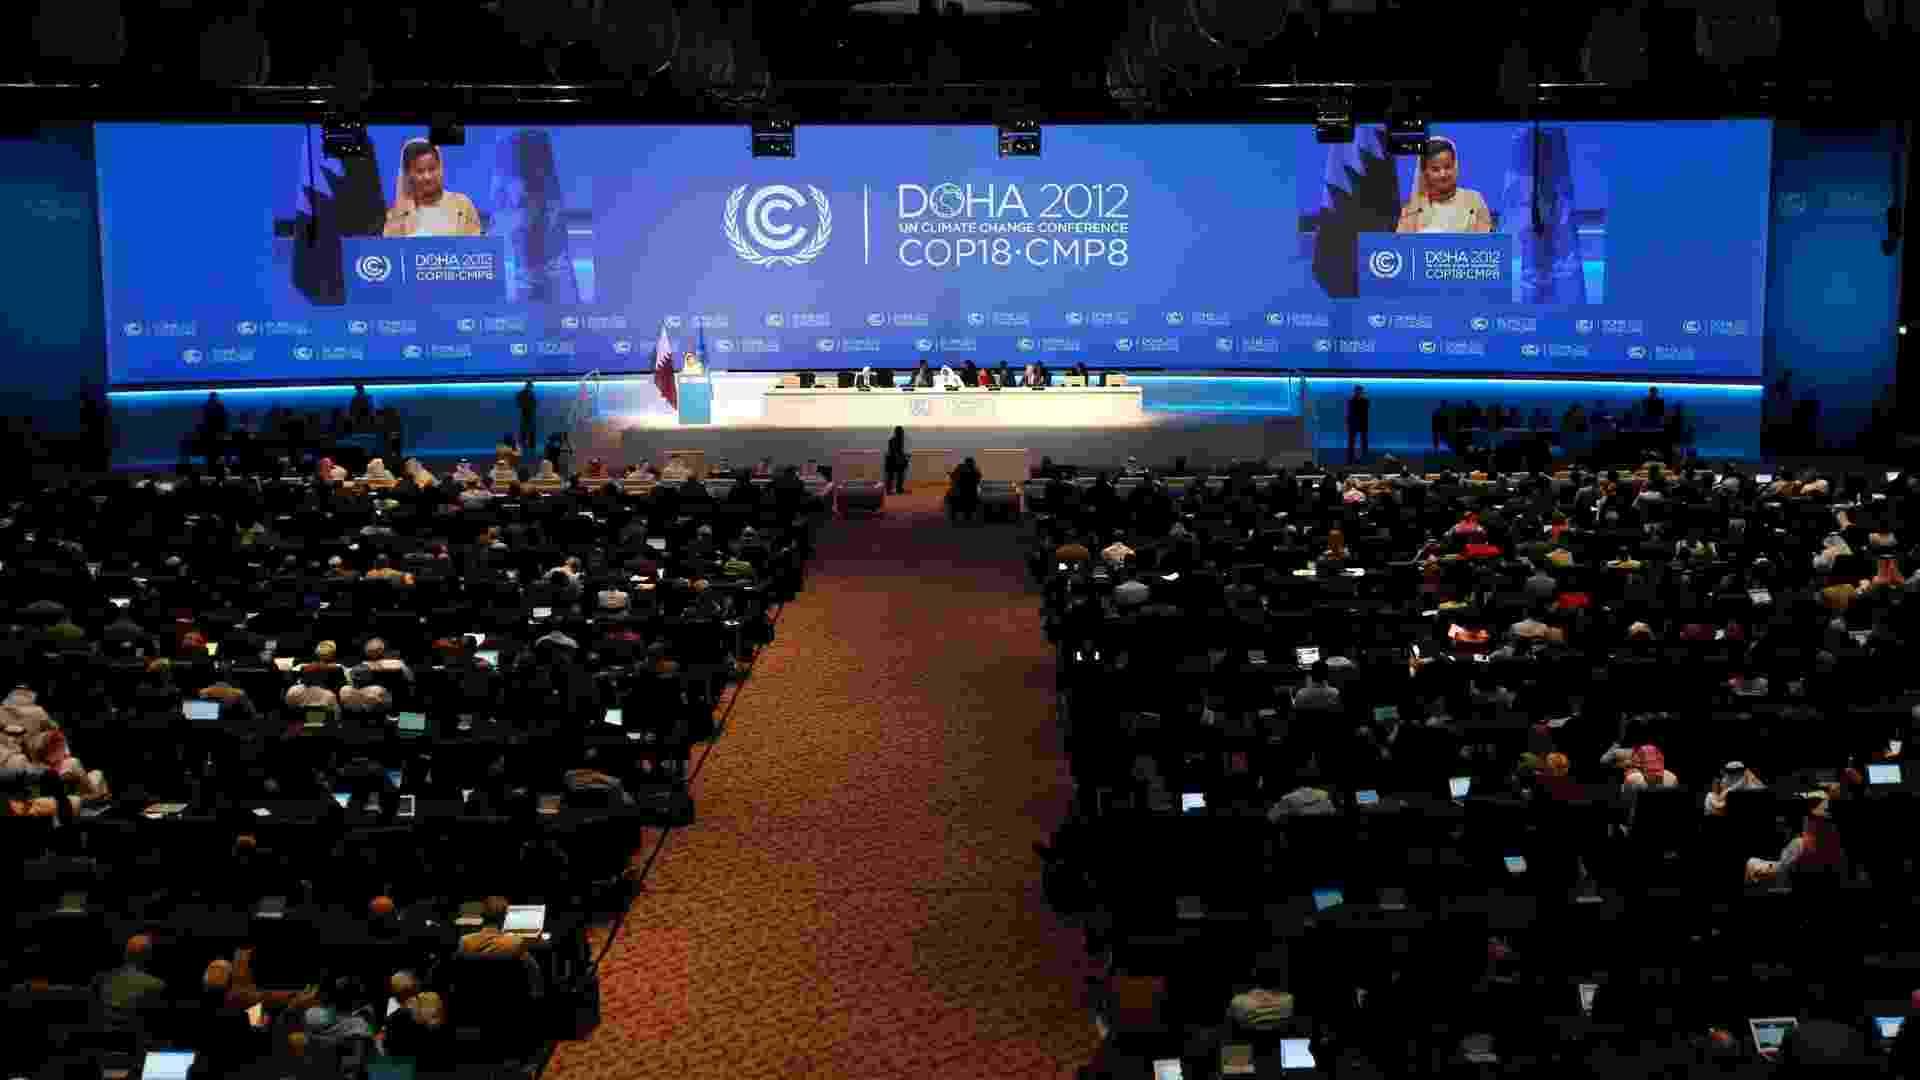 26.nov.2012 - Cerca de 17 mil pessoas participaram da abertura da COP 18, a conferência anual da ONU (Organização das Nações Unidas) sobre as Mudanças do Clima, no Centro Nacional de Convenções de Doha, capital do Catar, nesta segunda-feira (26). O objetivo da reunião é decidir o futuro do Protocolo de Kyoto e incluir os grandes poluidores em um acordo de redução da emissão dos gases do efeito estufa previsto para 2015 - Fadi Al-Assaad/Reuters